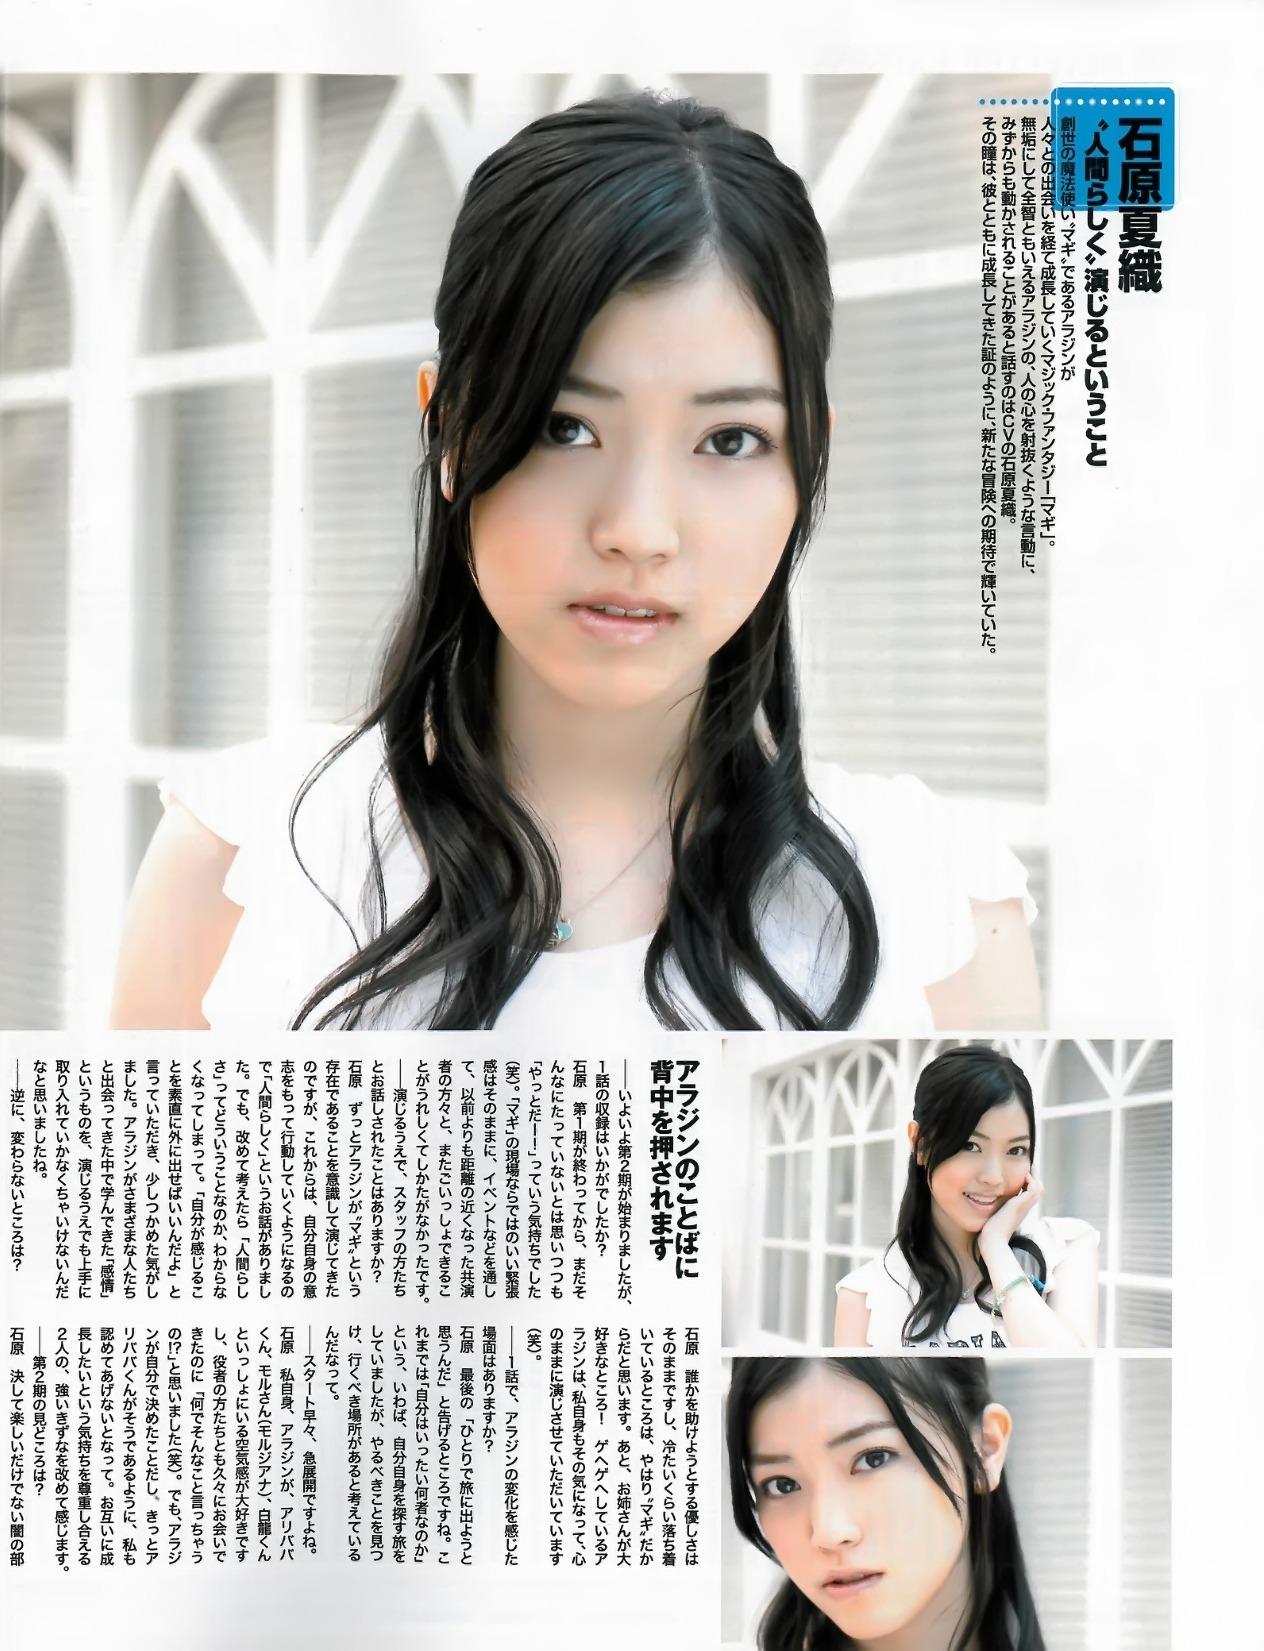 ishihara_kaori089.jpg